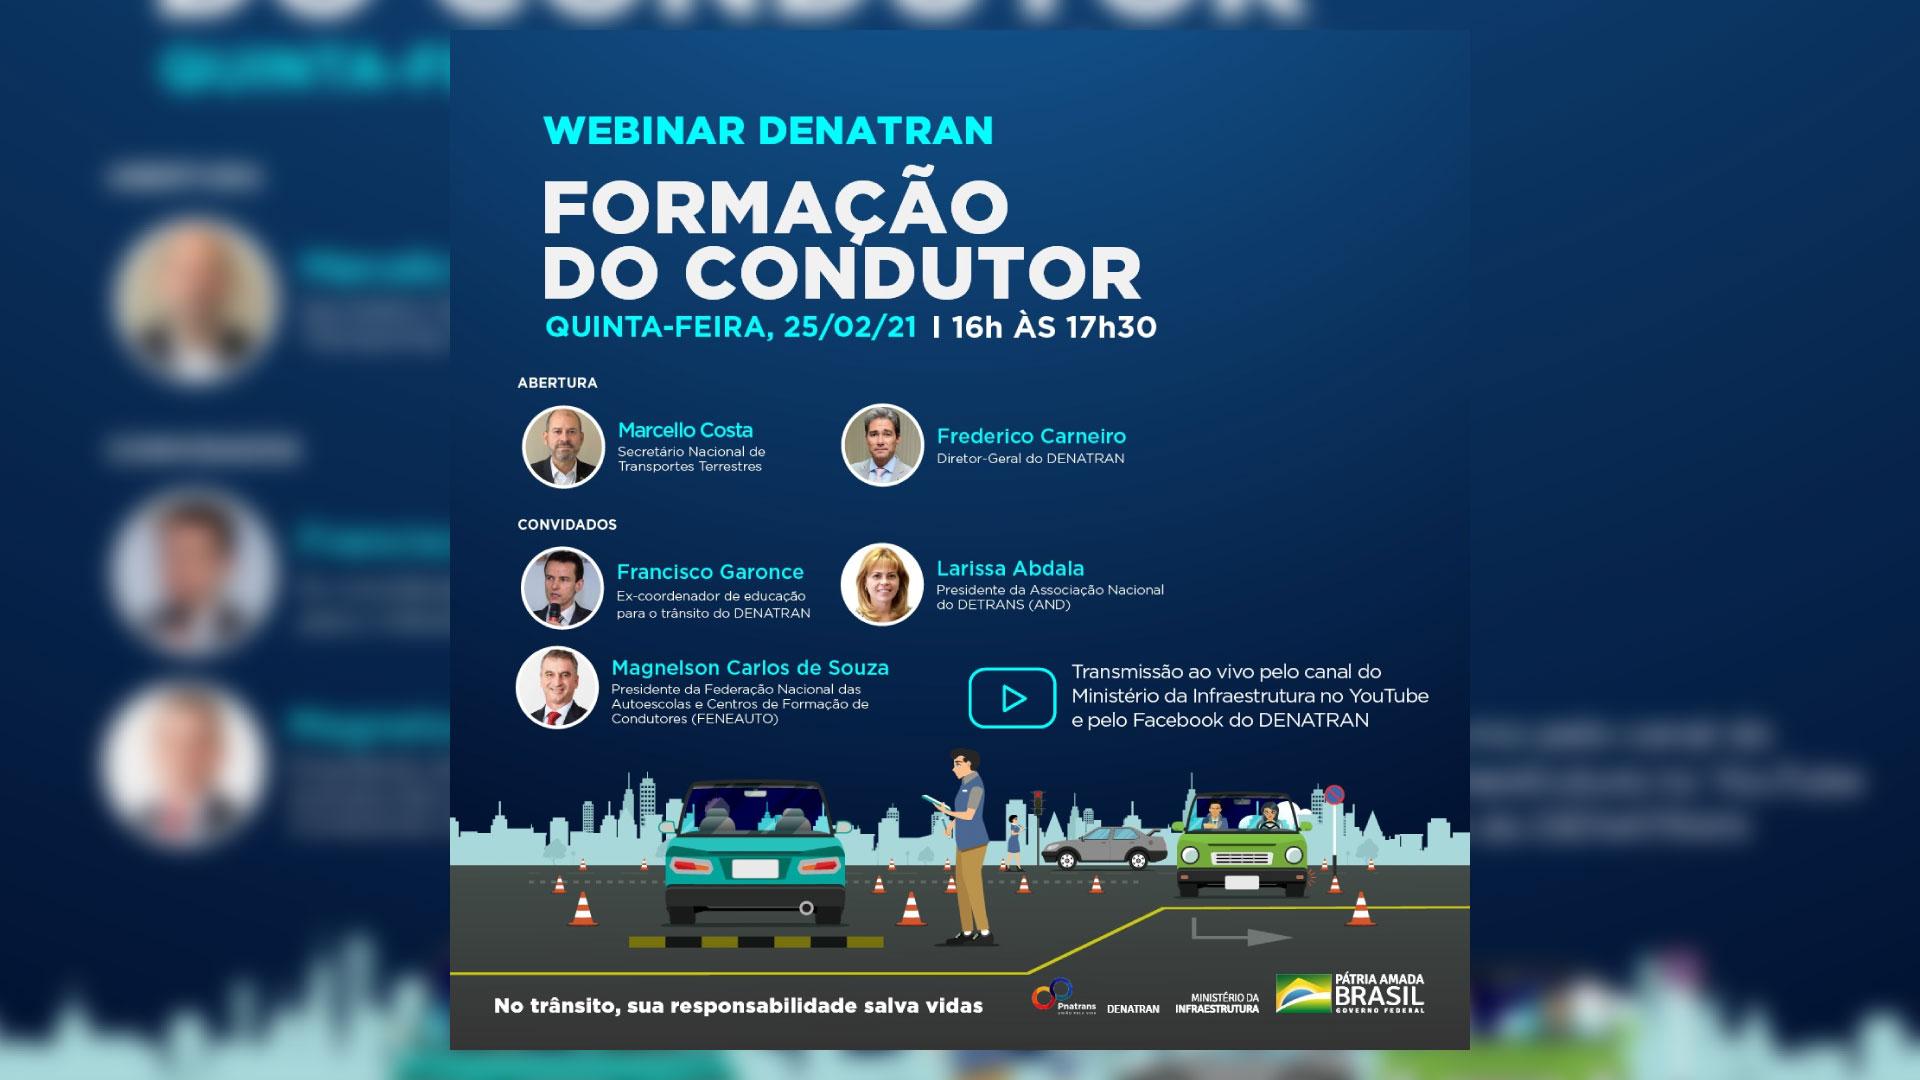 Denatran vai promover webinar para discutir o futuro da formação de condutores